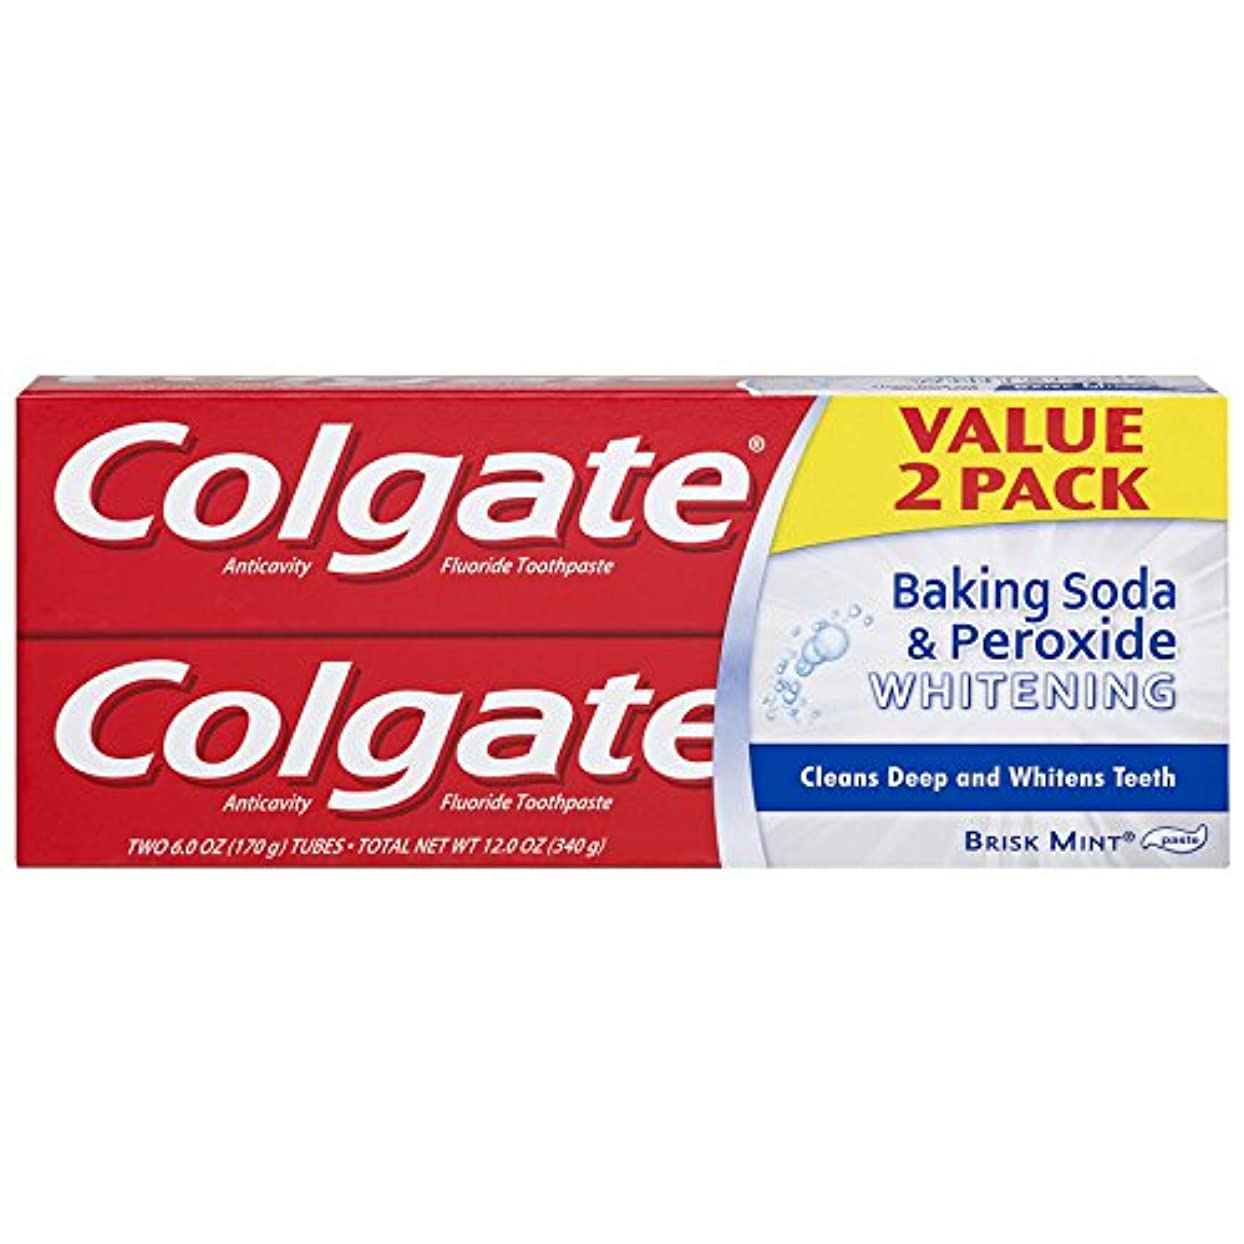 配列オンス失礼Colgate 重曹と過酸化物ホワイトニング歯磨き - 6オンス(2カウント)